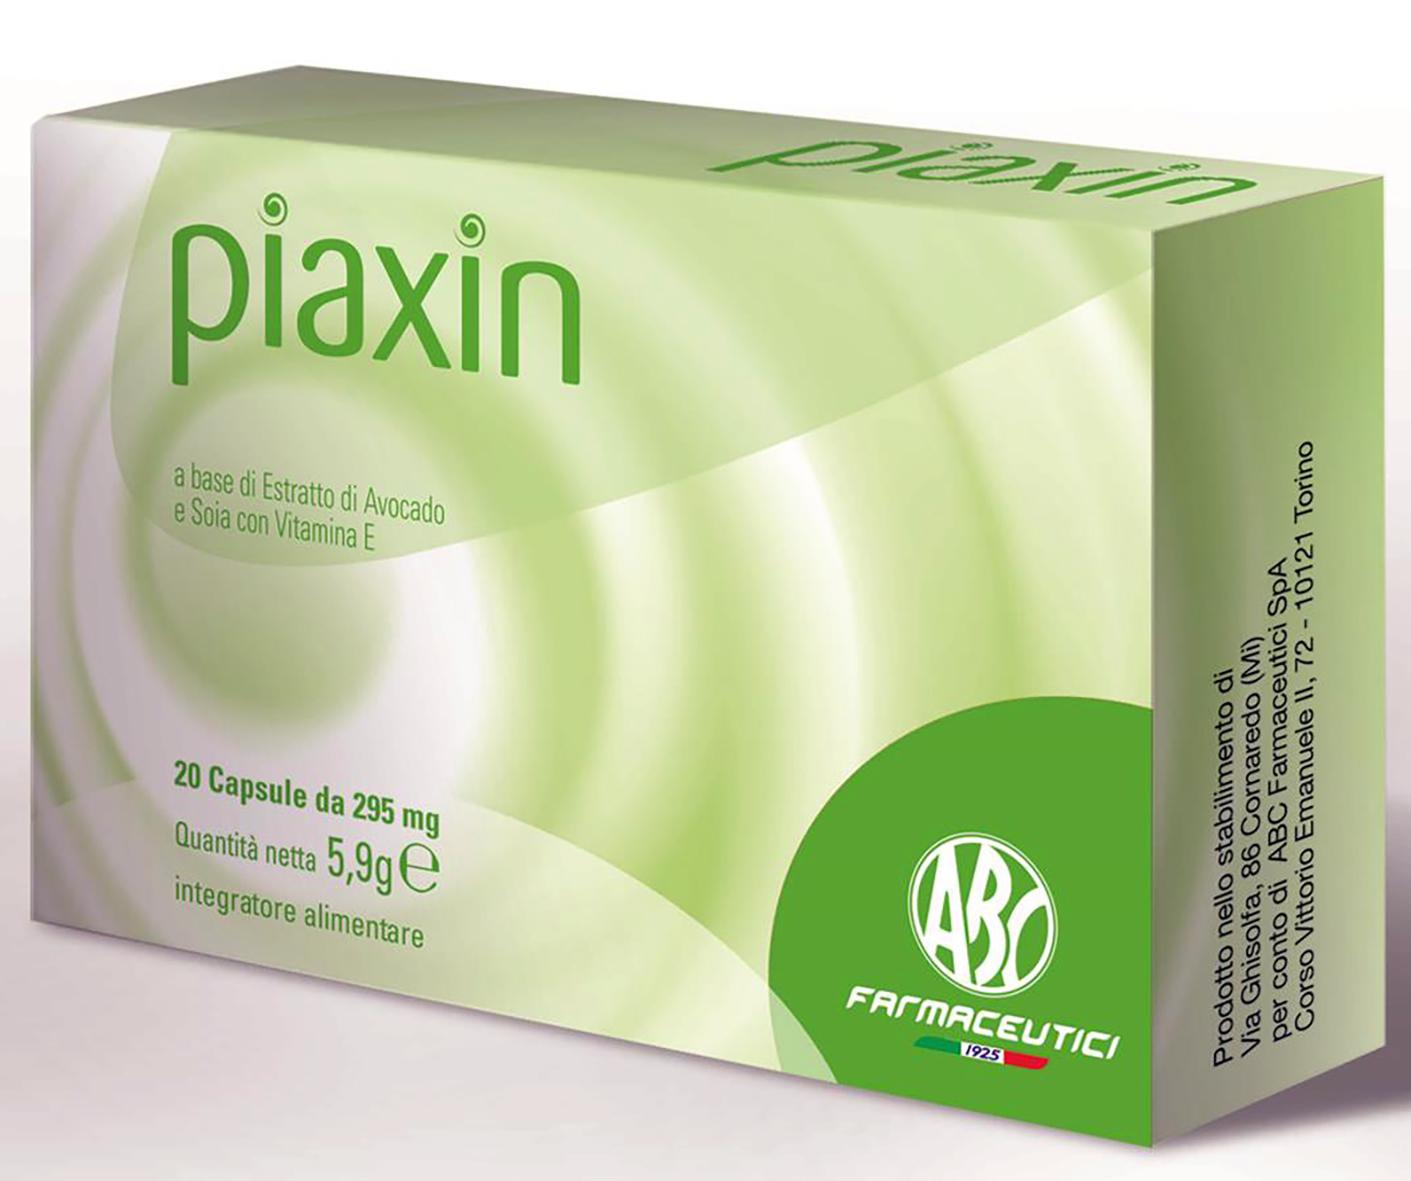 Piaxin